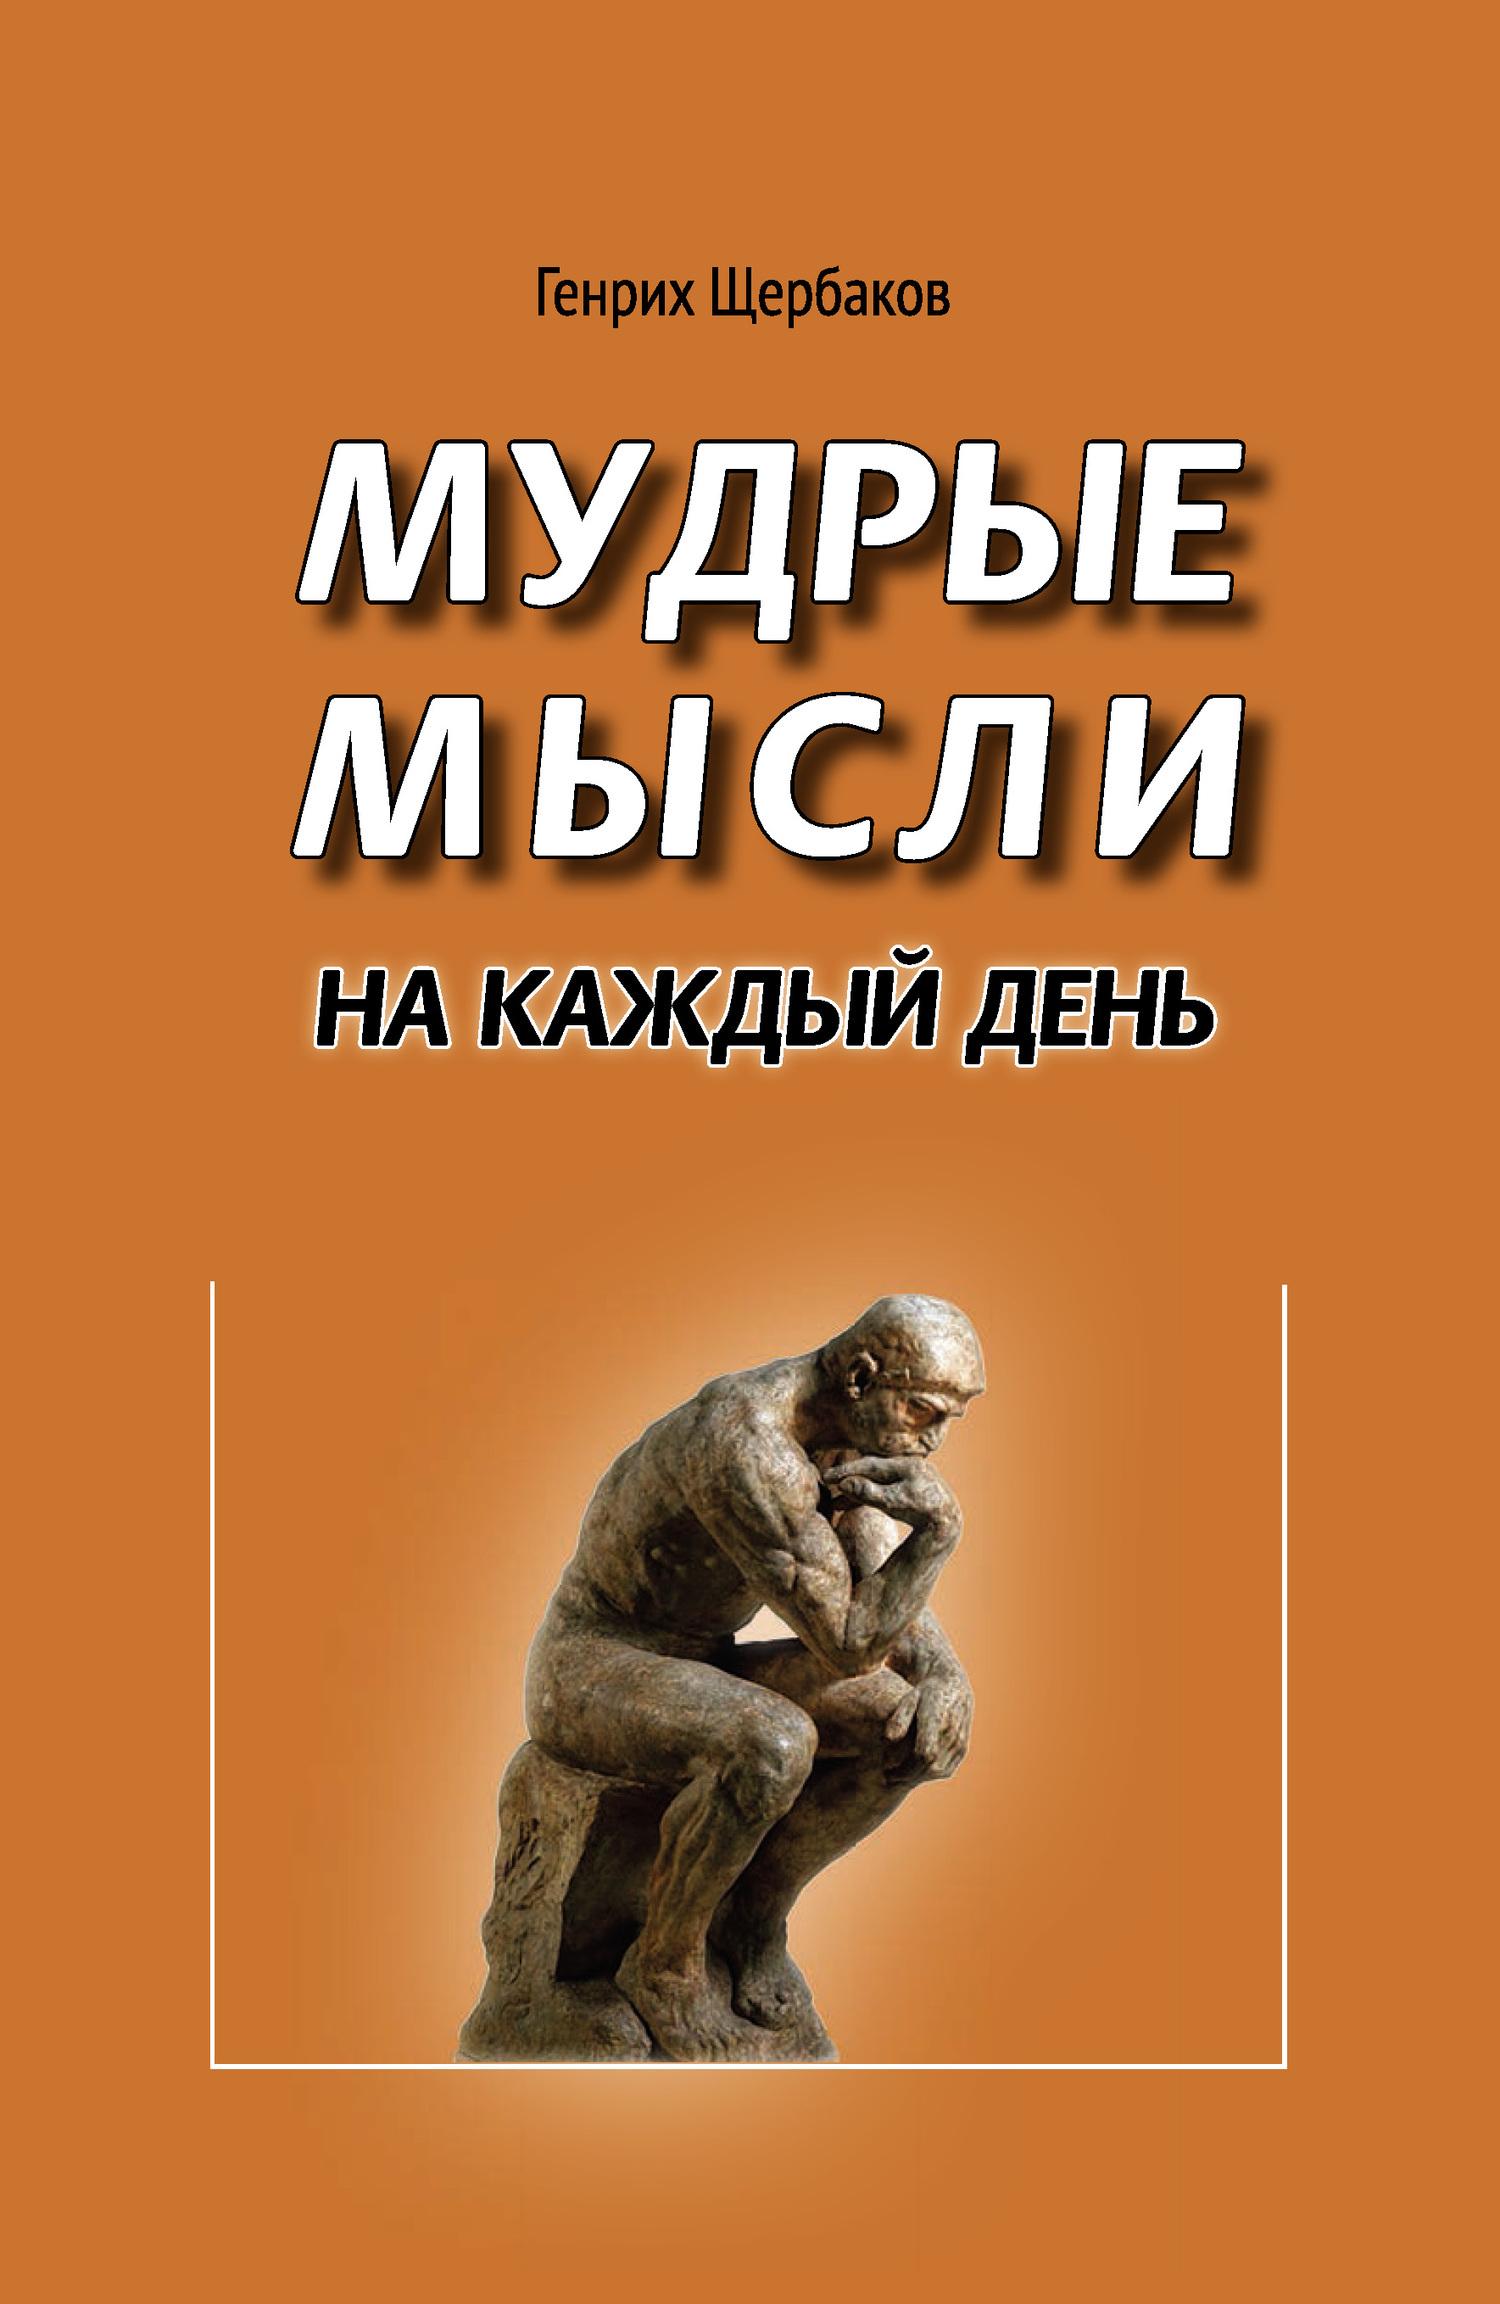 Генрих Щербаков. Мудрые мысли на каждый день